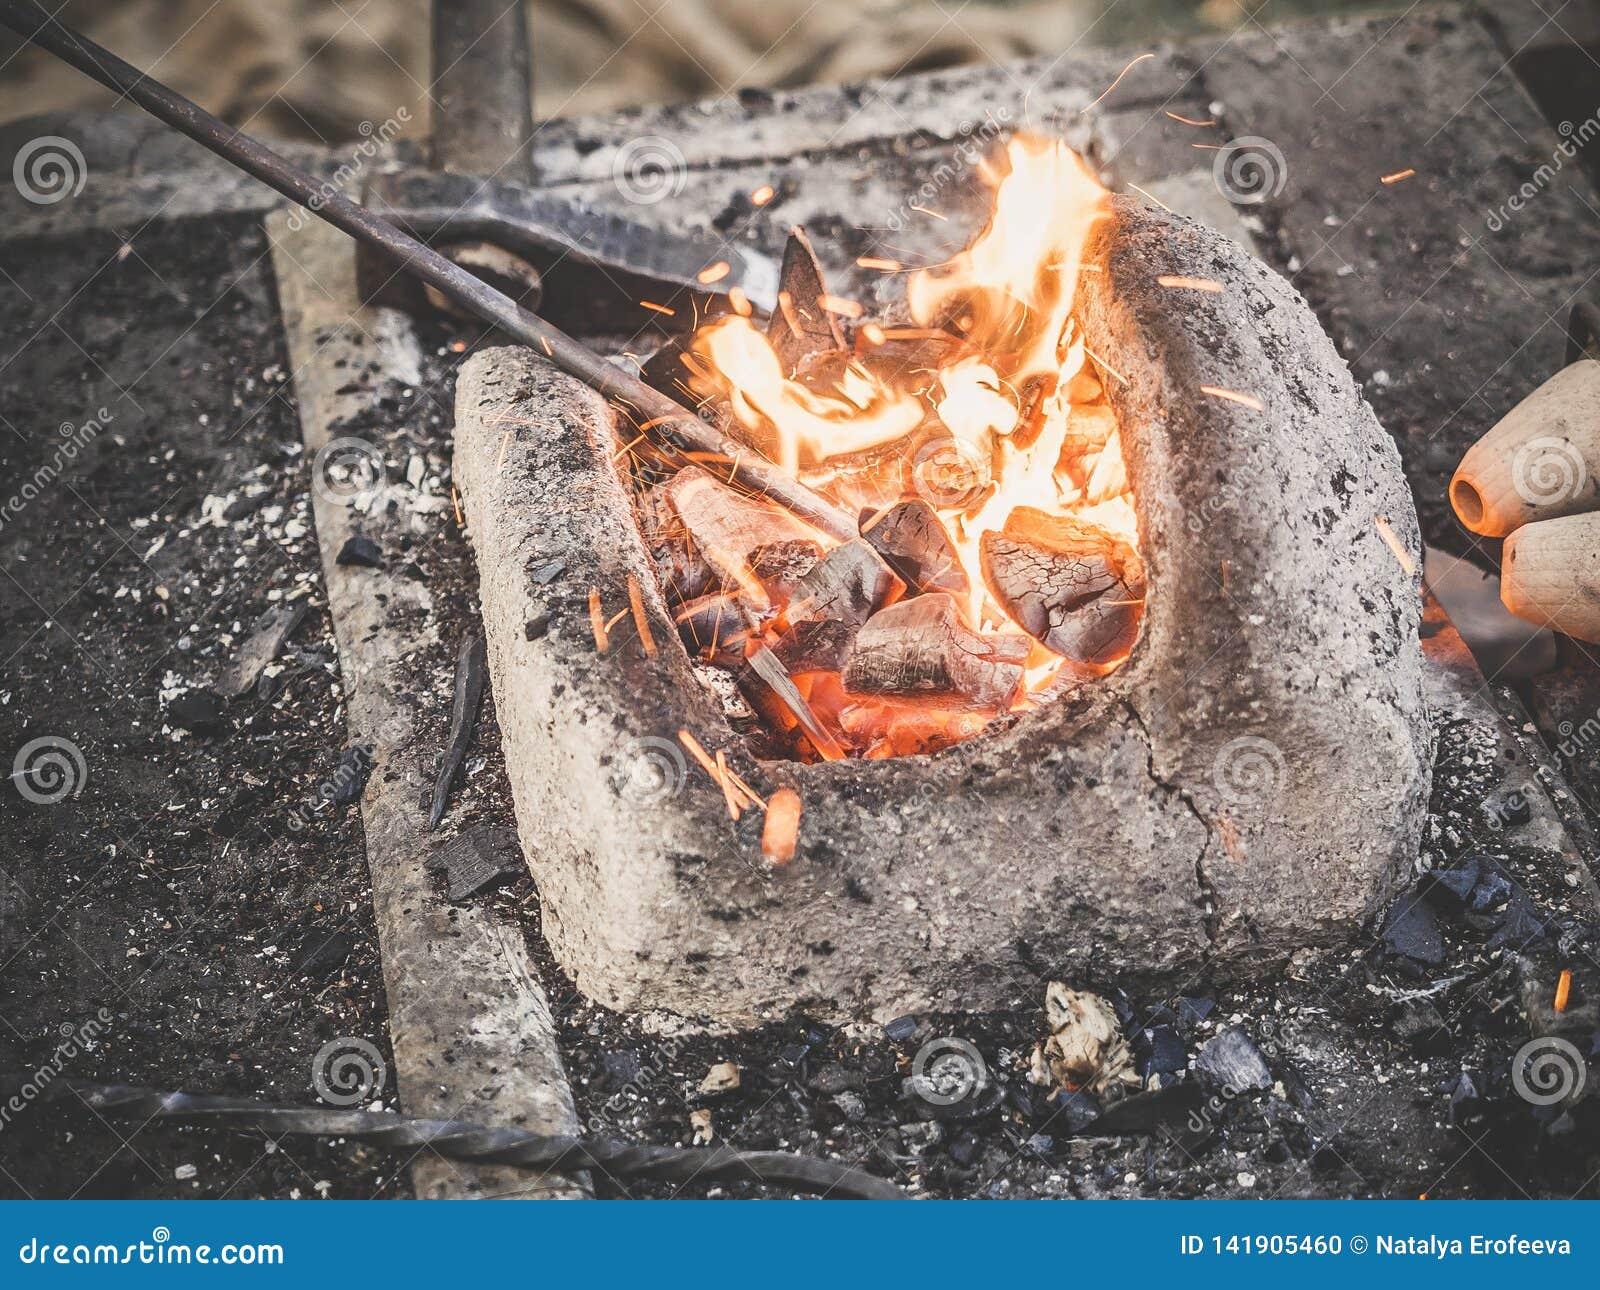 El herrero sostiene el billete sobre los carbones calientes en un horno de la arcilla fabricación de calefacción de la espada del